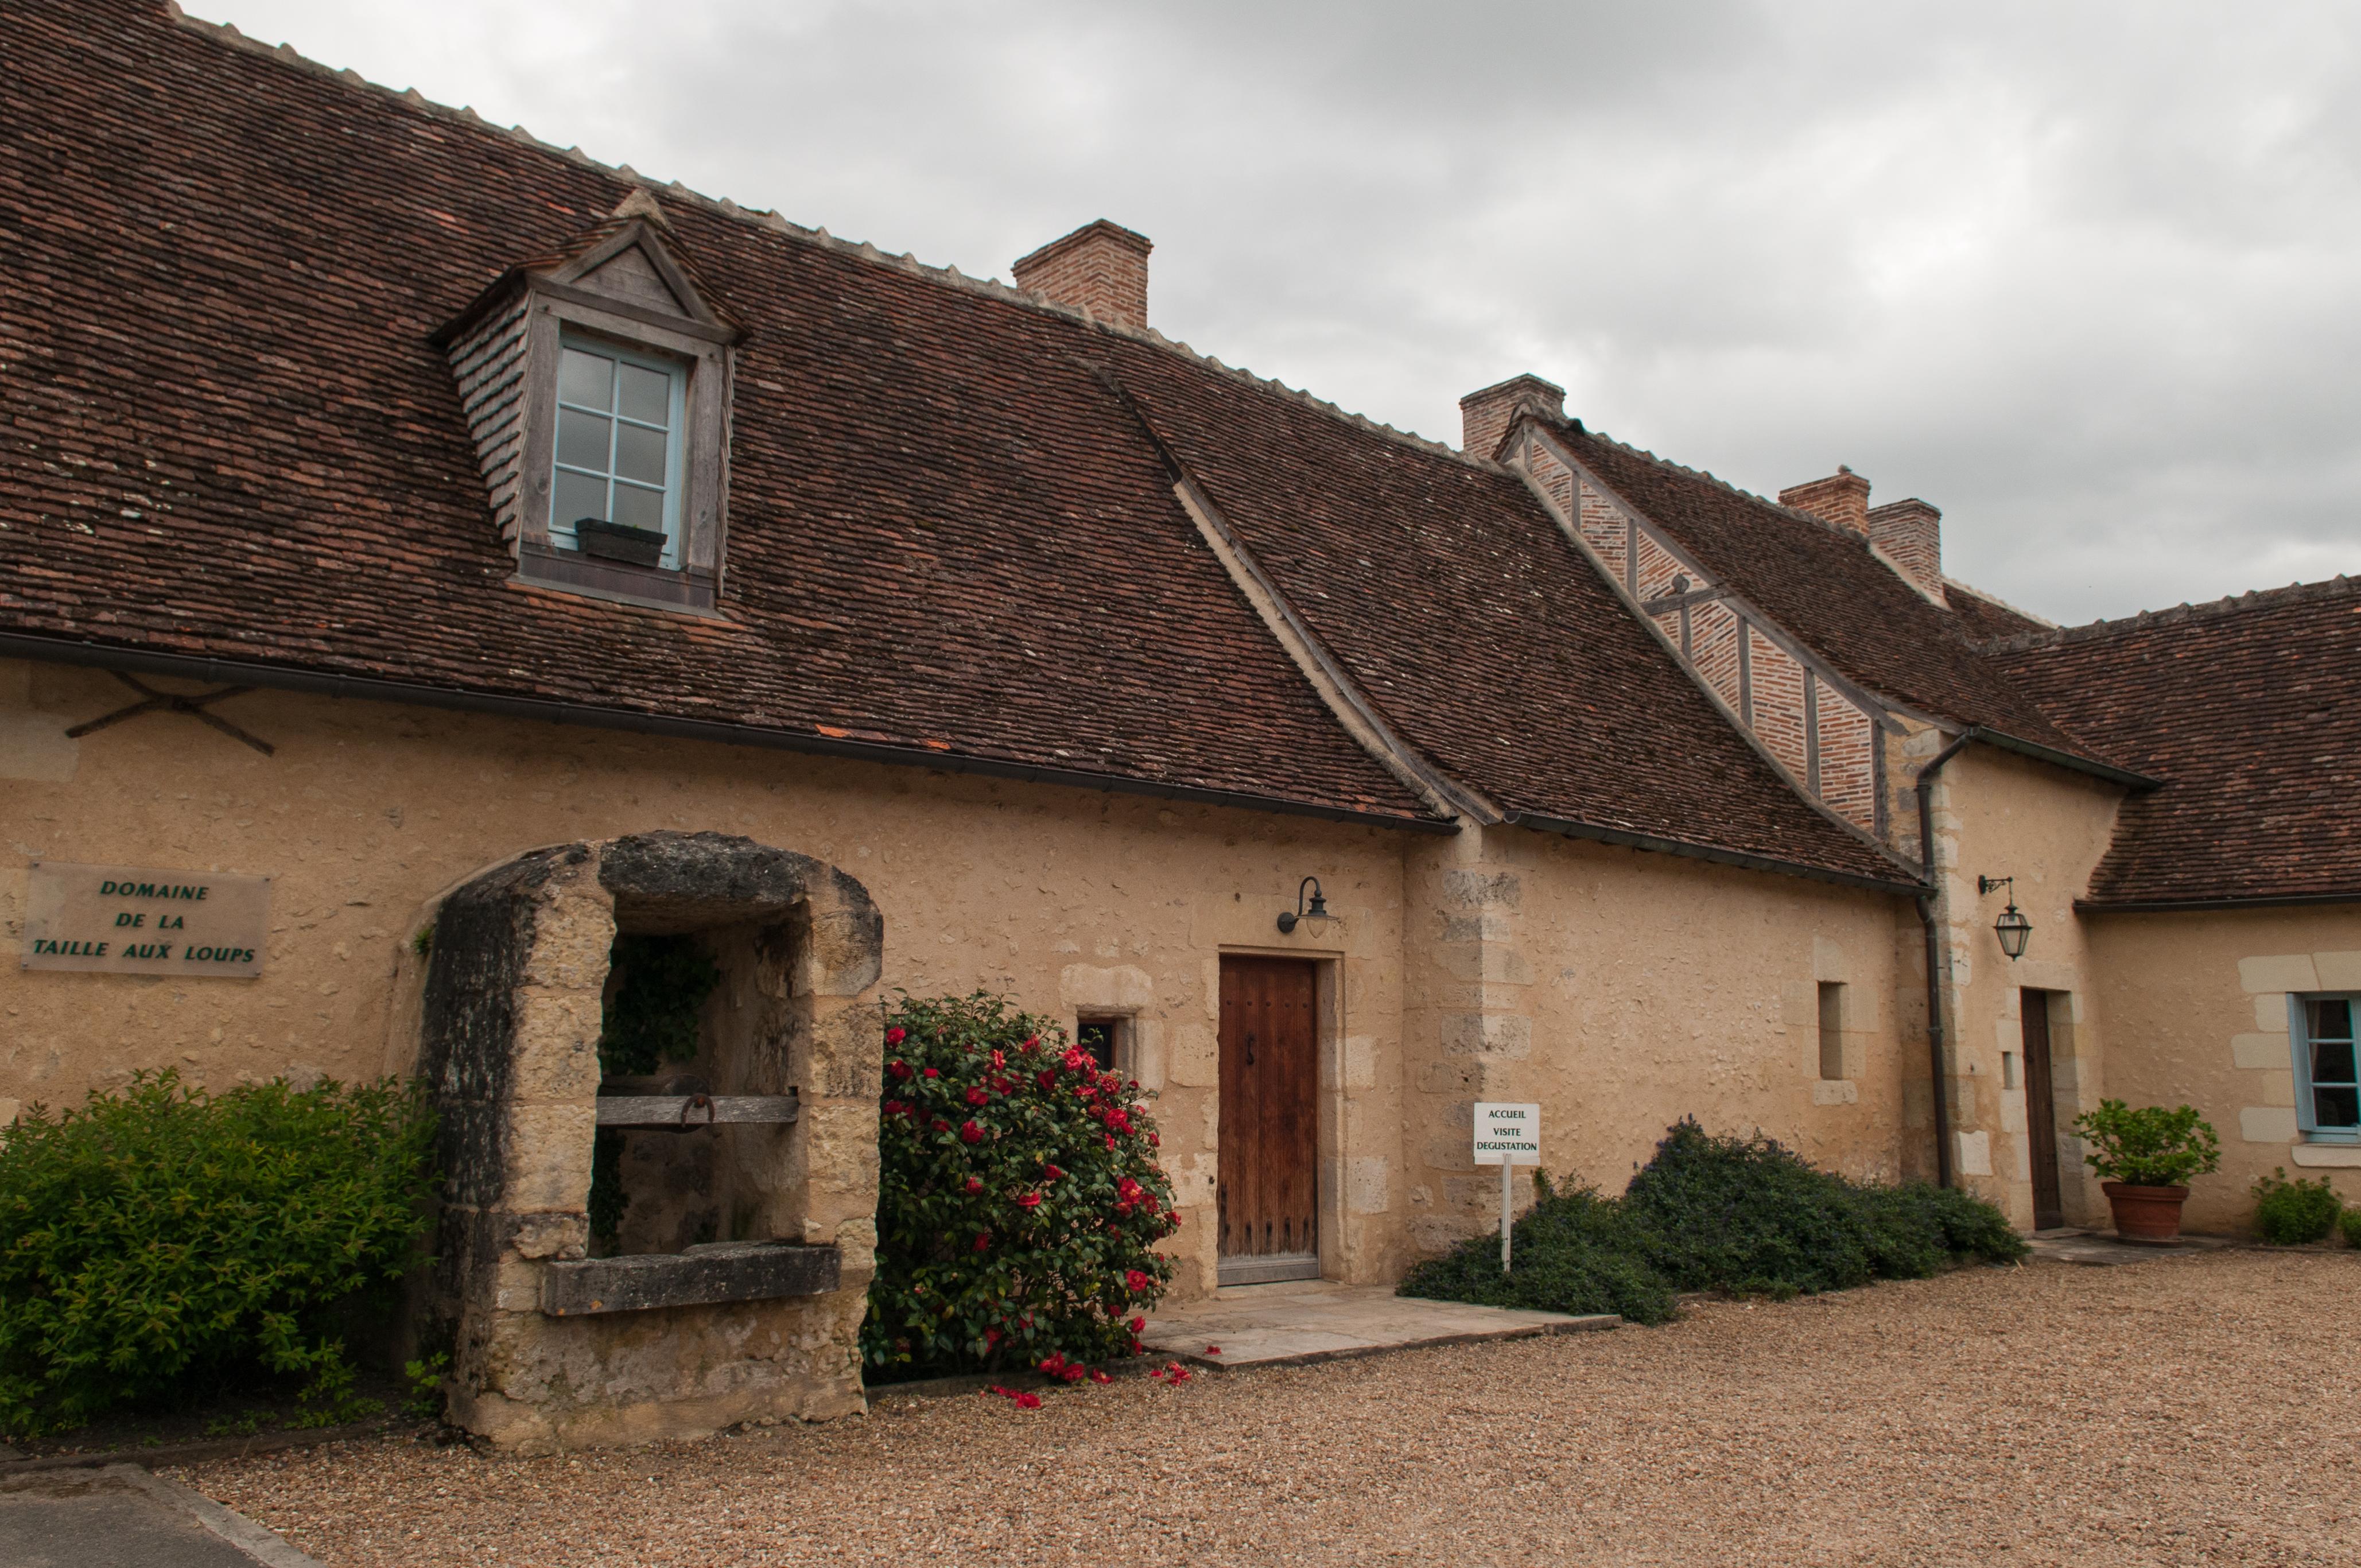 Domaine de la taille aux loups, Loire, France